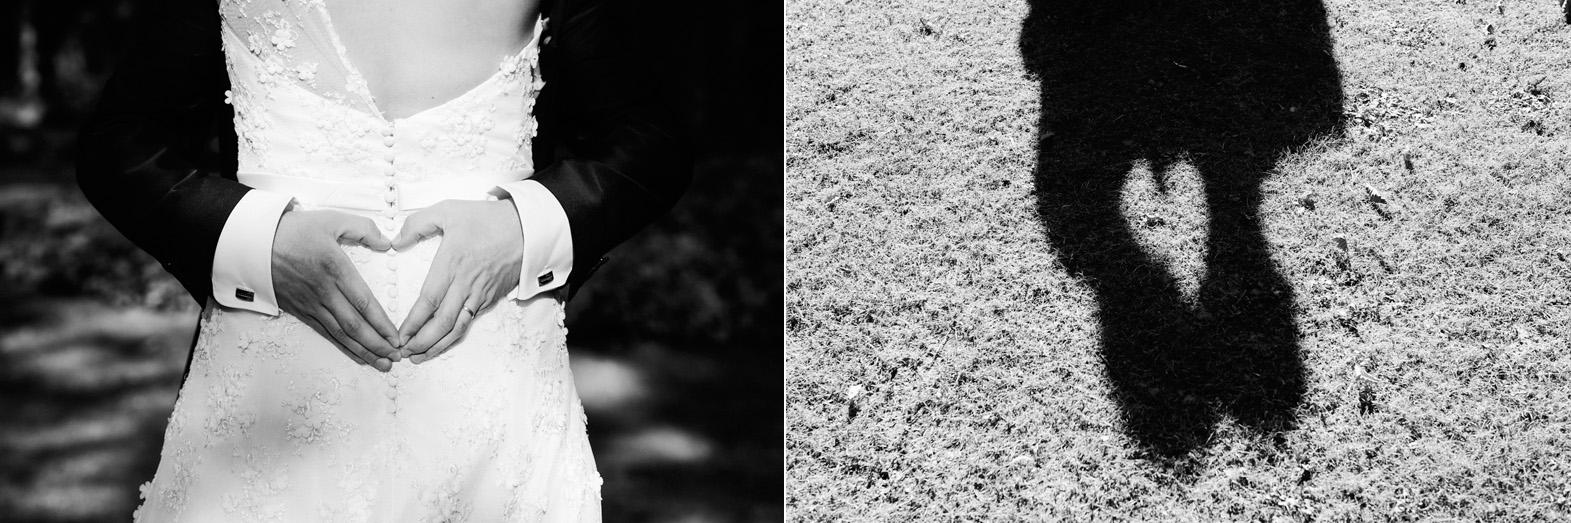 mariage_cr_la-catrache_78_photographie_clemence_dubois-mep-10